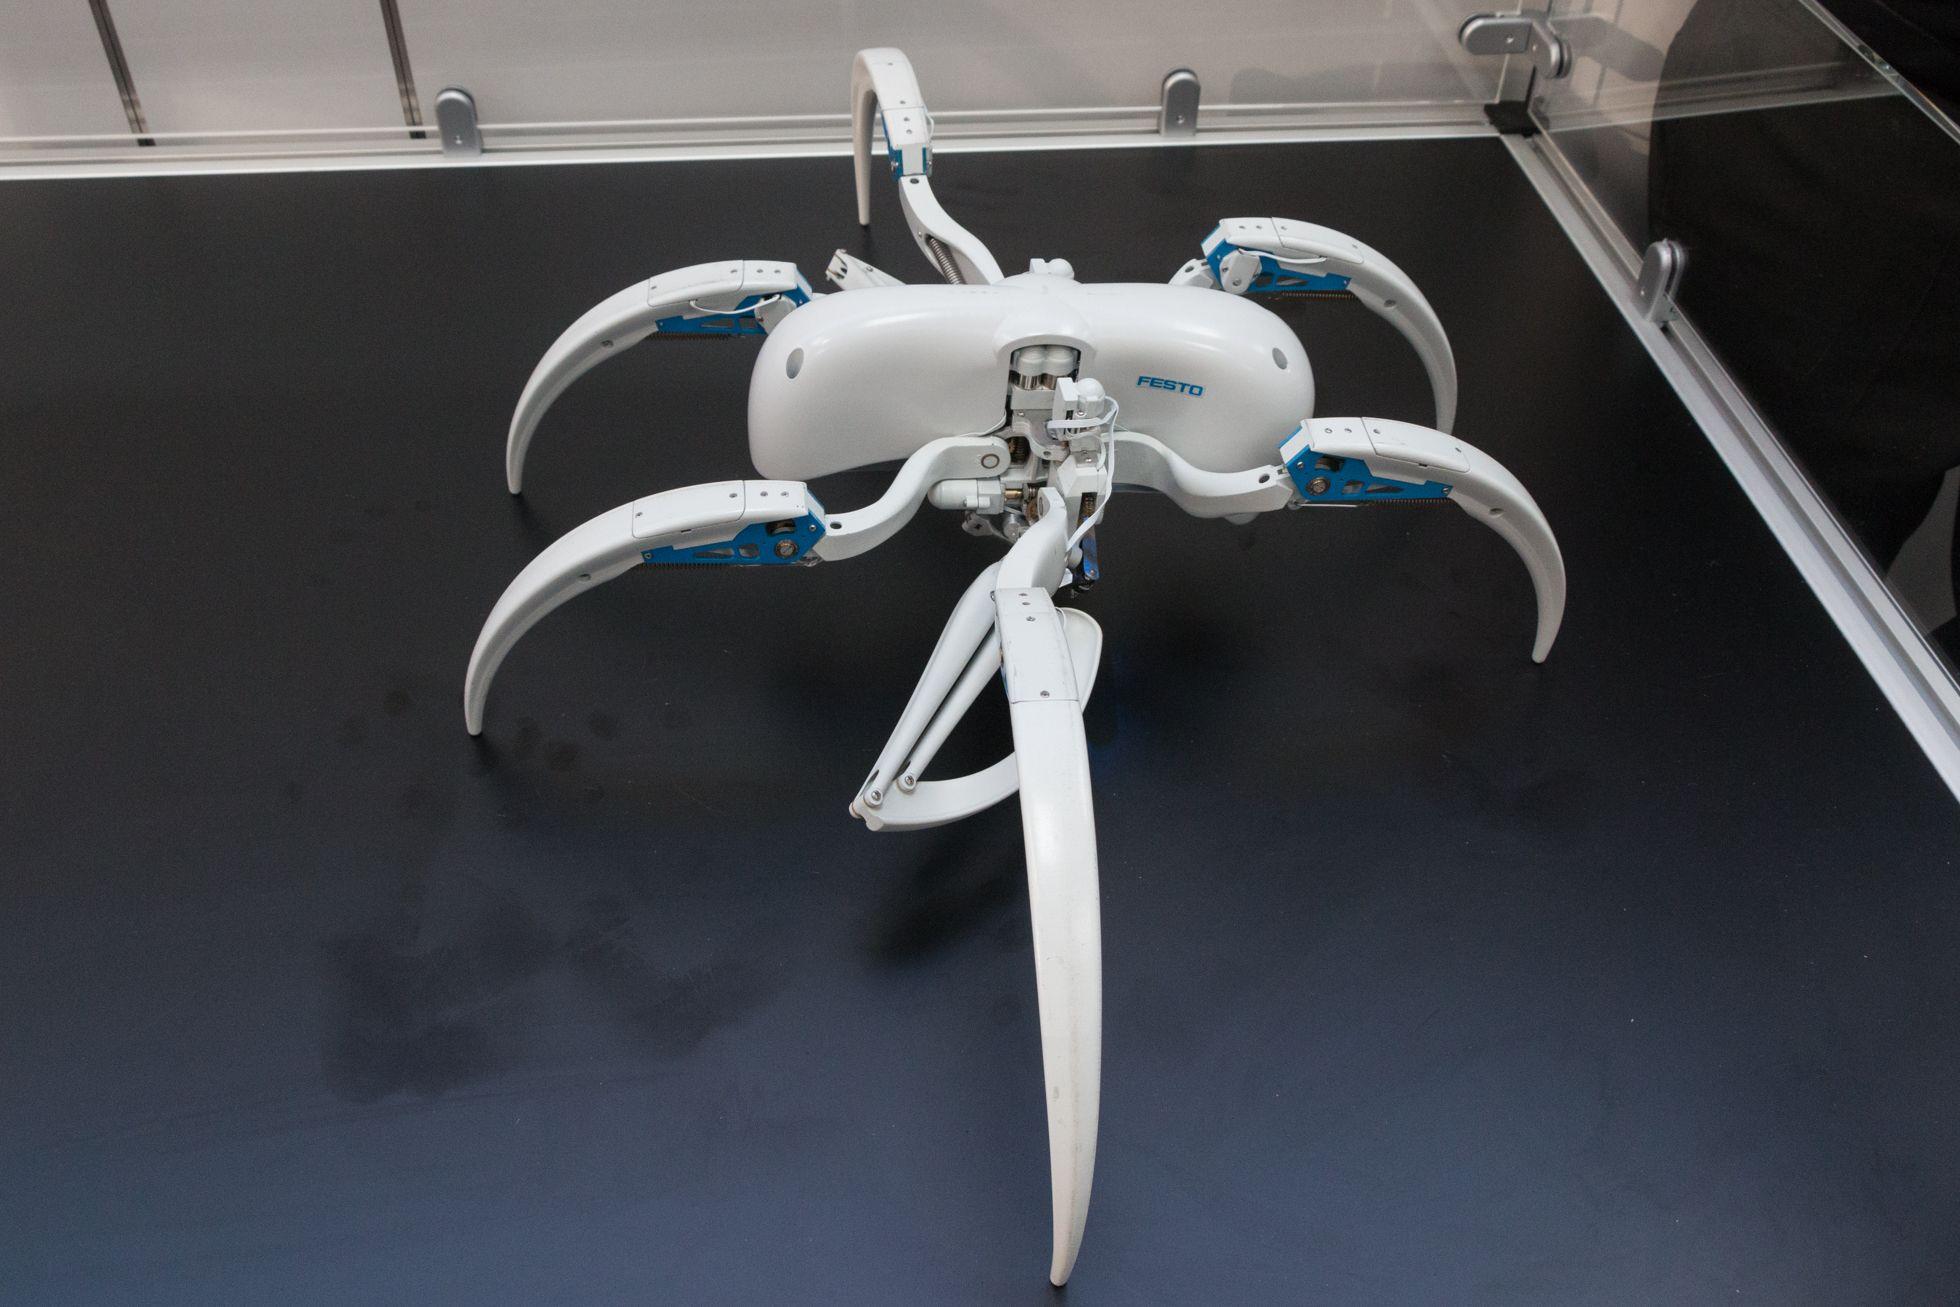 Bionic Wheel Bot: Festos Spinnenroboter rollt und läuft - Der Bionic Wheel Bot ist ein bionischer Roboter, der einer Spinne nachempfunden ist.  (Bild: Werner Pluta/Golem.de)